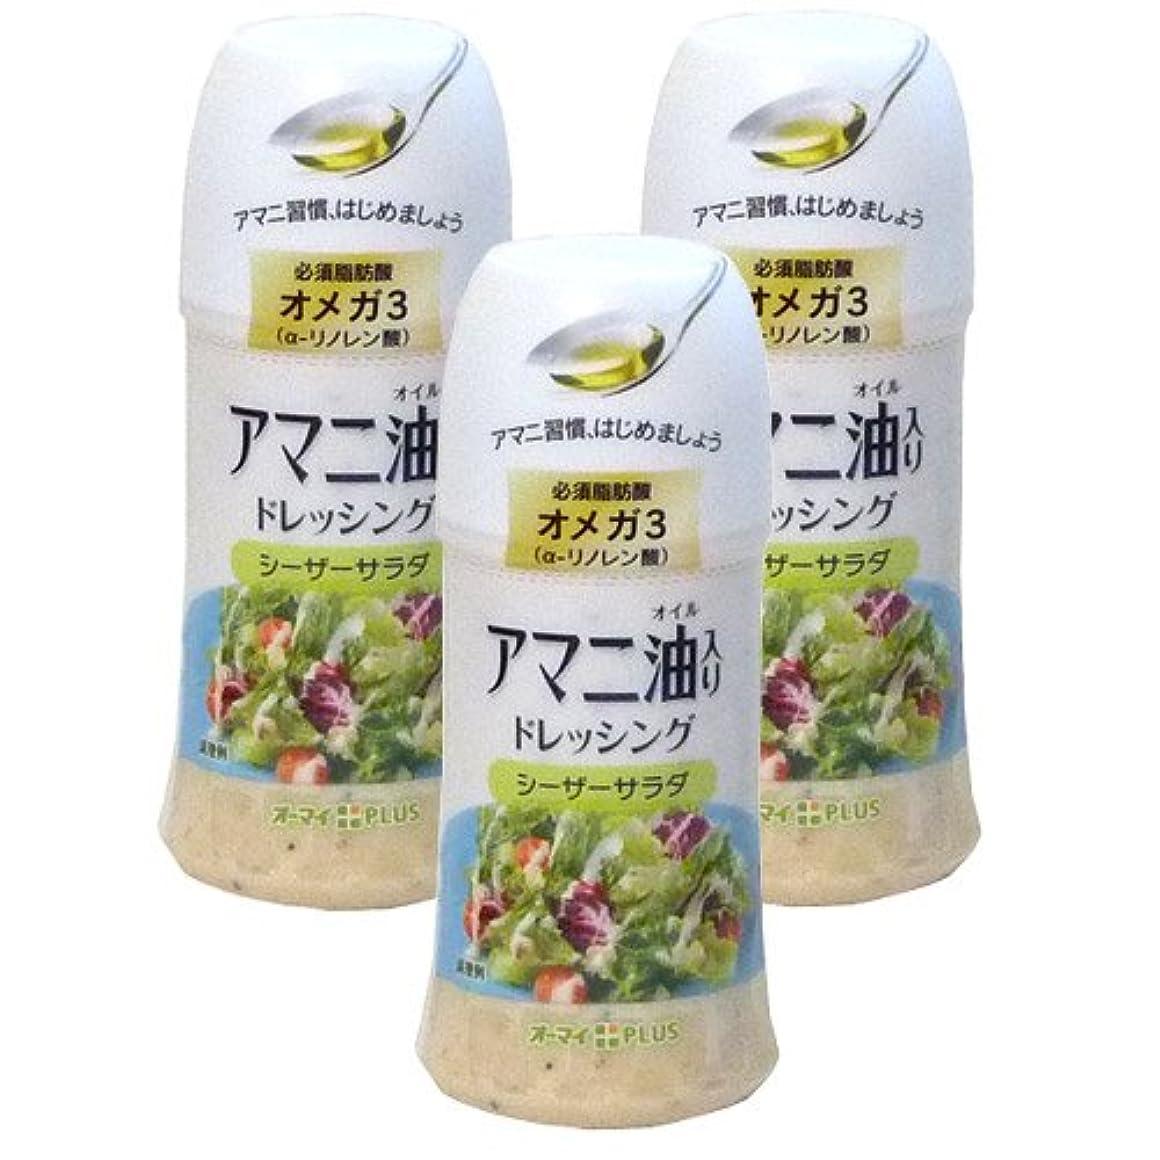 ひどく緩やかな段落アマニ油入り ドレッシング シーザーサラダ【3セット】